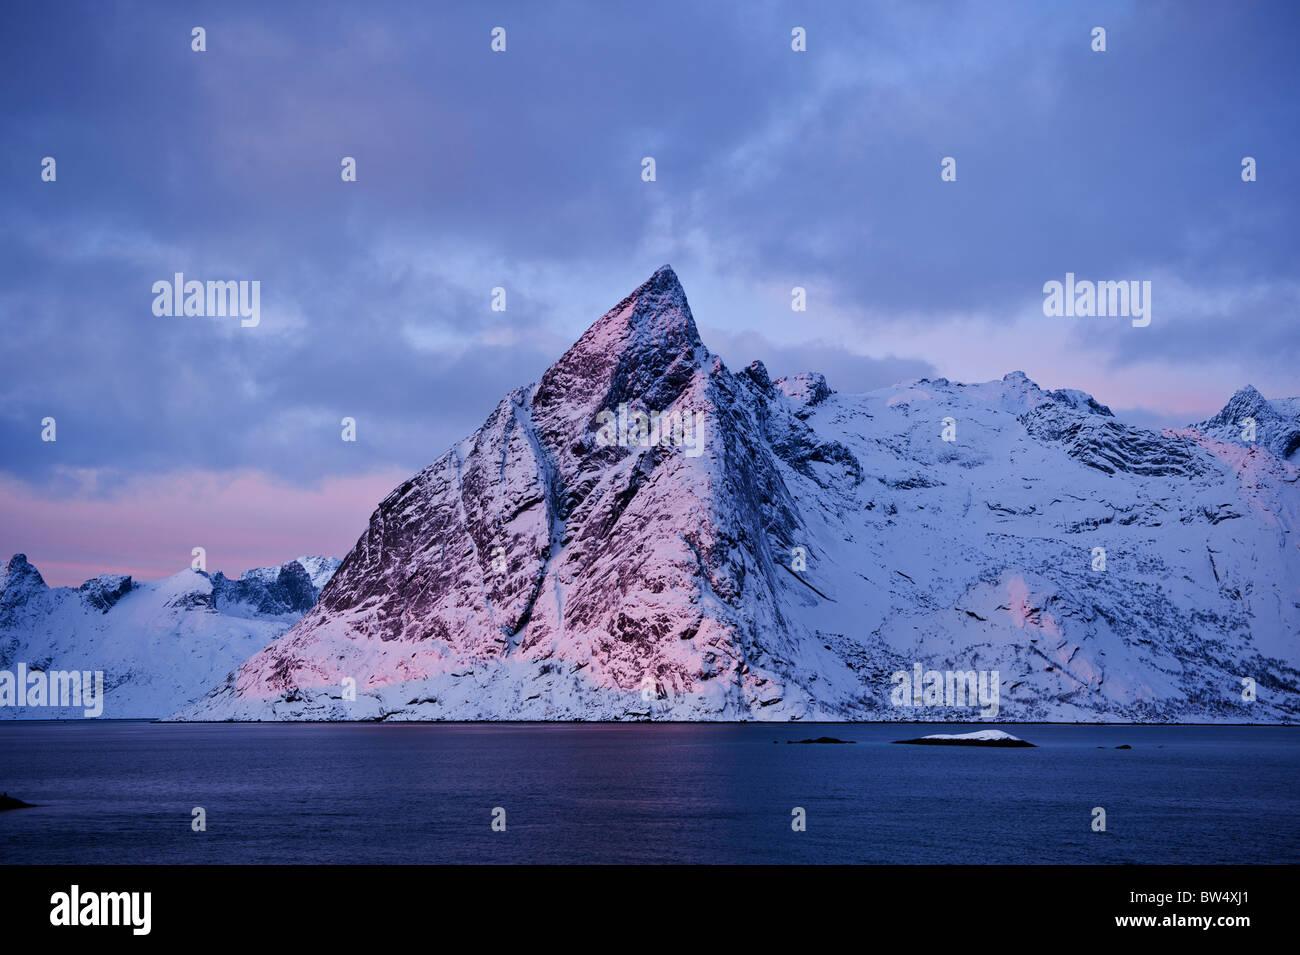 Olstinden mountain peak lit by January sun, Reine, Lofoten islands, Norway Stock Photo